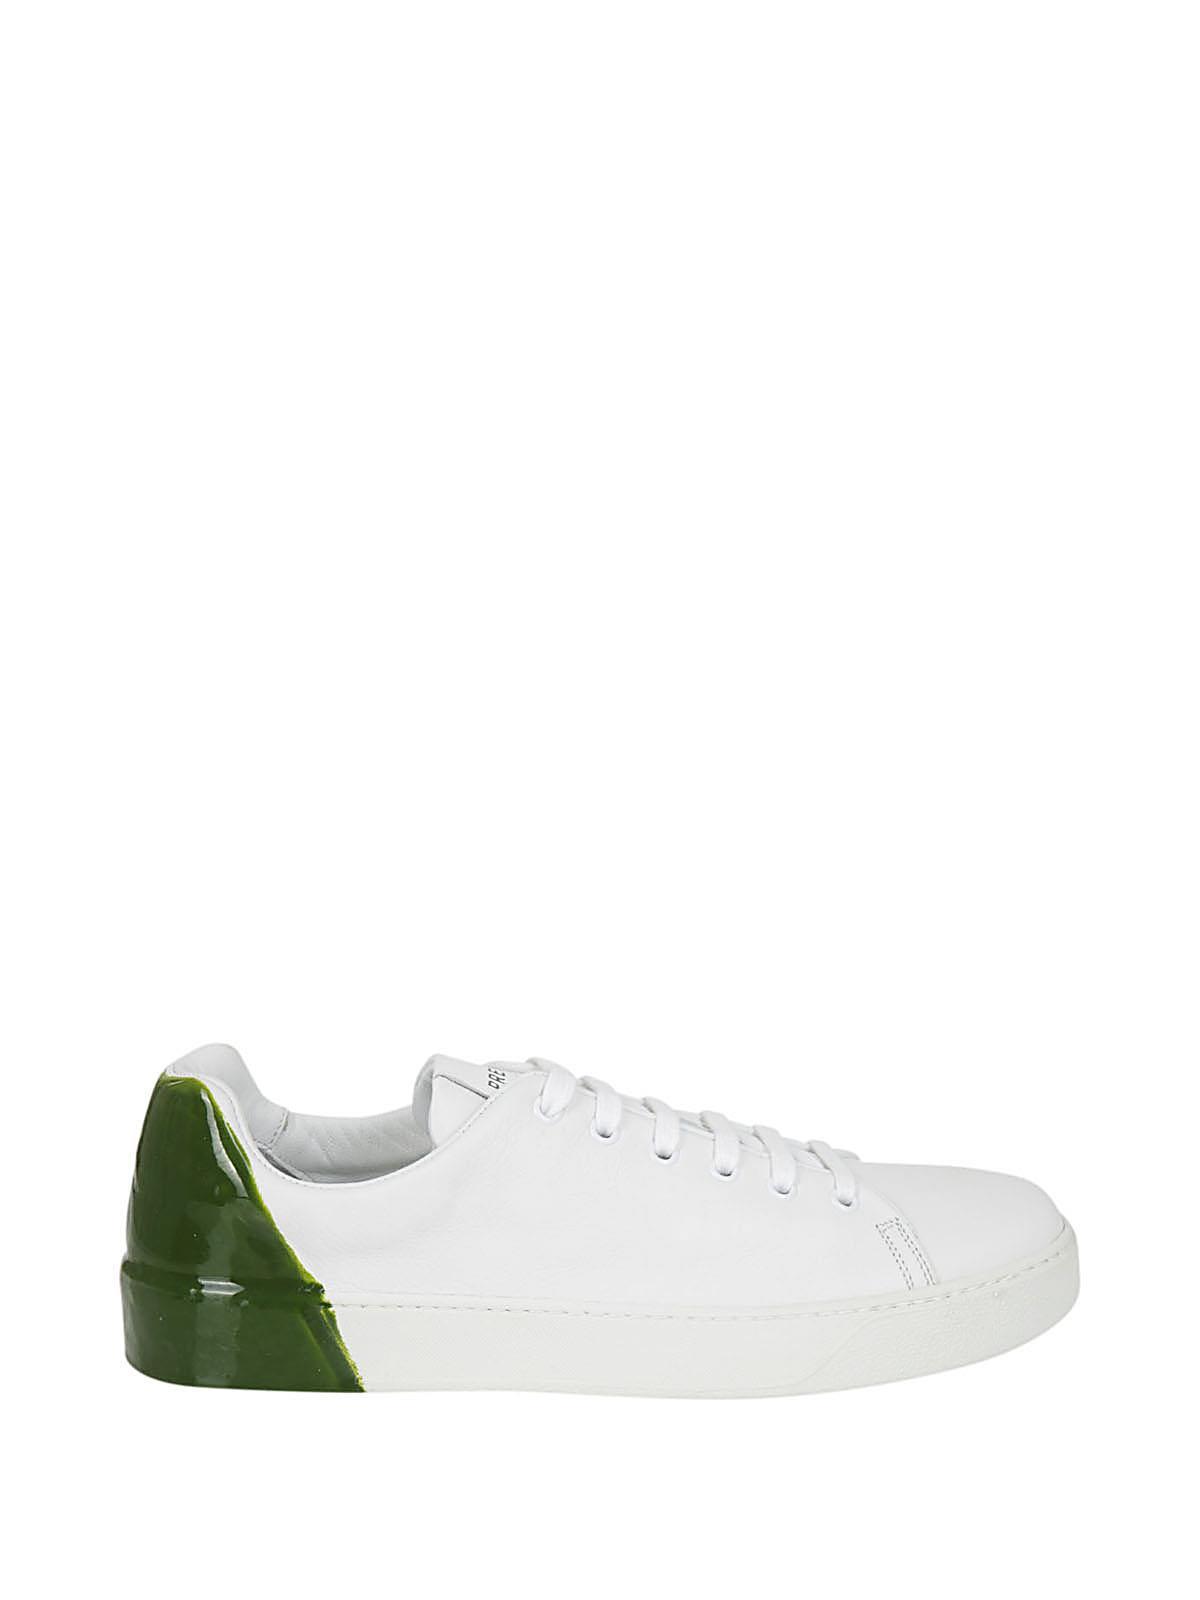 Lyst Premiata PREMIATA Sneaker inserto vernice bianca in